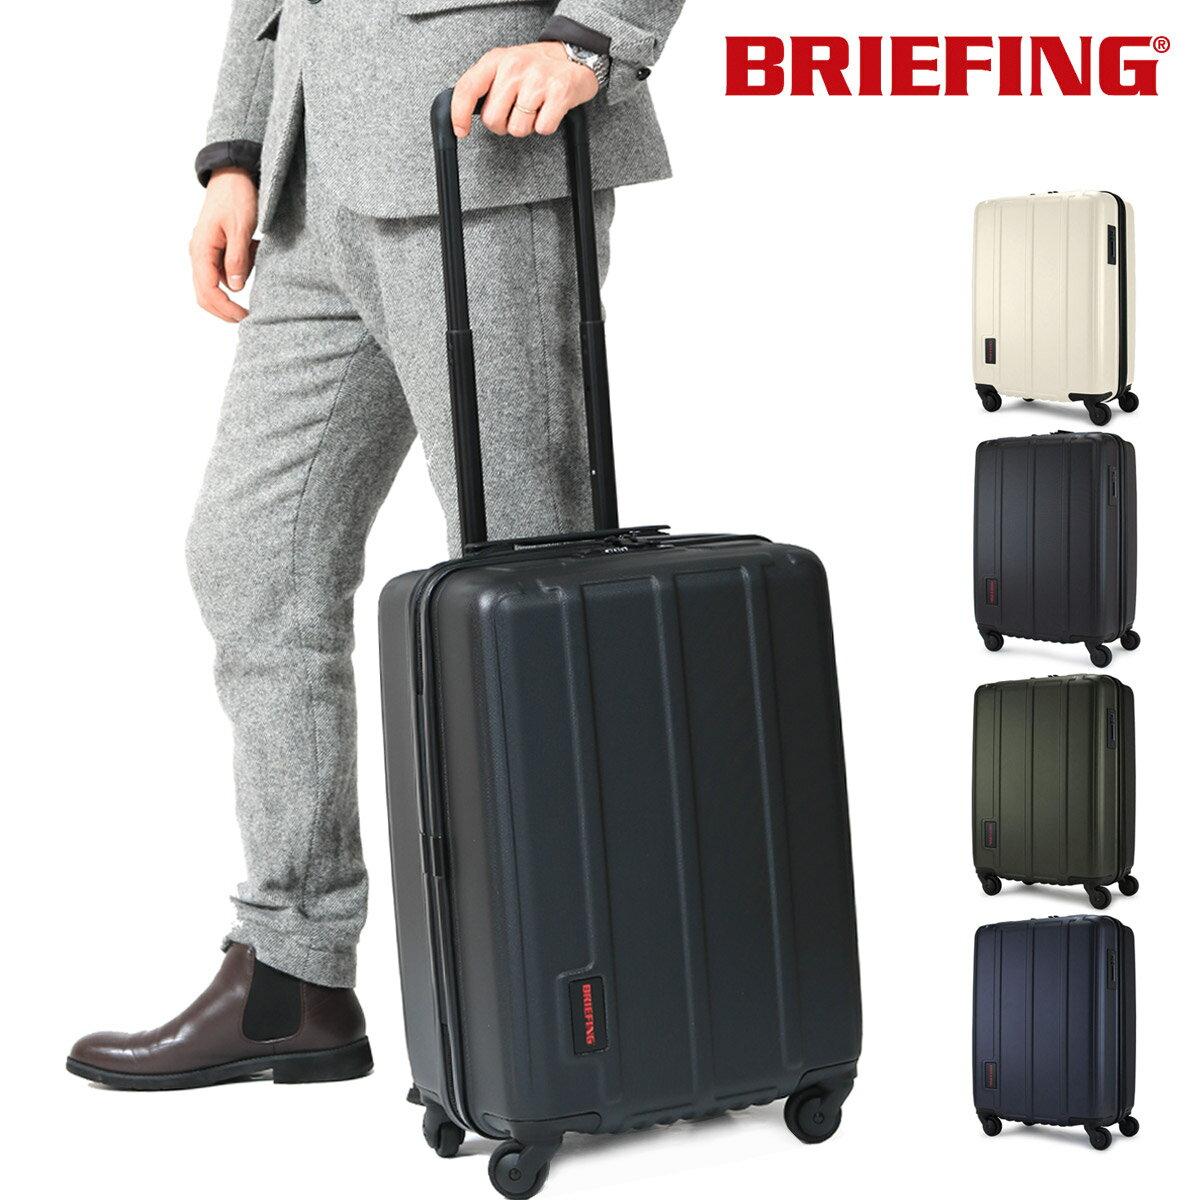 ブリーフィング BRIEFING スーツケース BRF304219 48.5cm H-37 【 ジッパータイプ キャリーケース ハードキャリー TSA ロック搭載国内線(100席以上)の機内持込対応サイズ 】【即日発送】